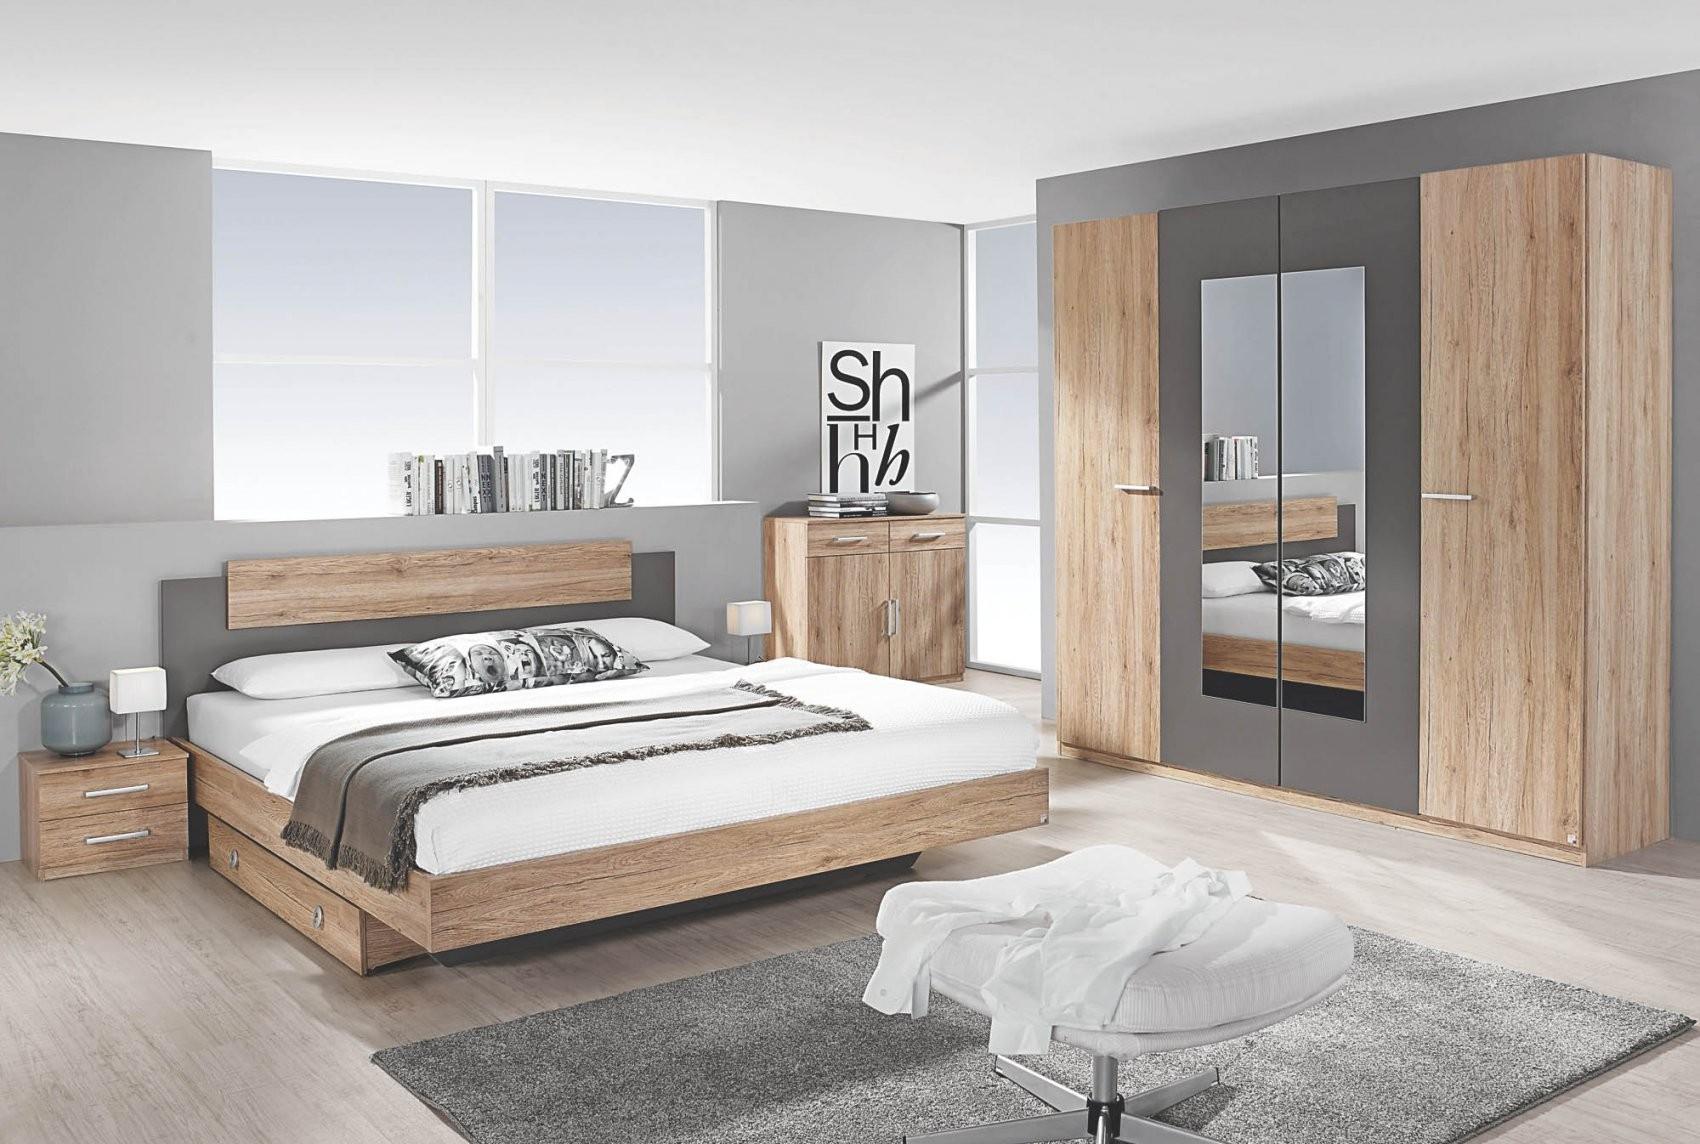 Schlafzimmer 4Tlg Borba Von Rauch Packs Mit 180X200 Bett Eiche von Bett Sonoma Eiche 180X200 Photo